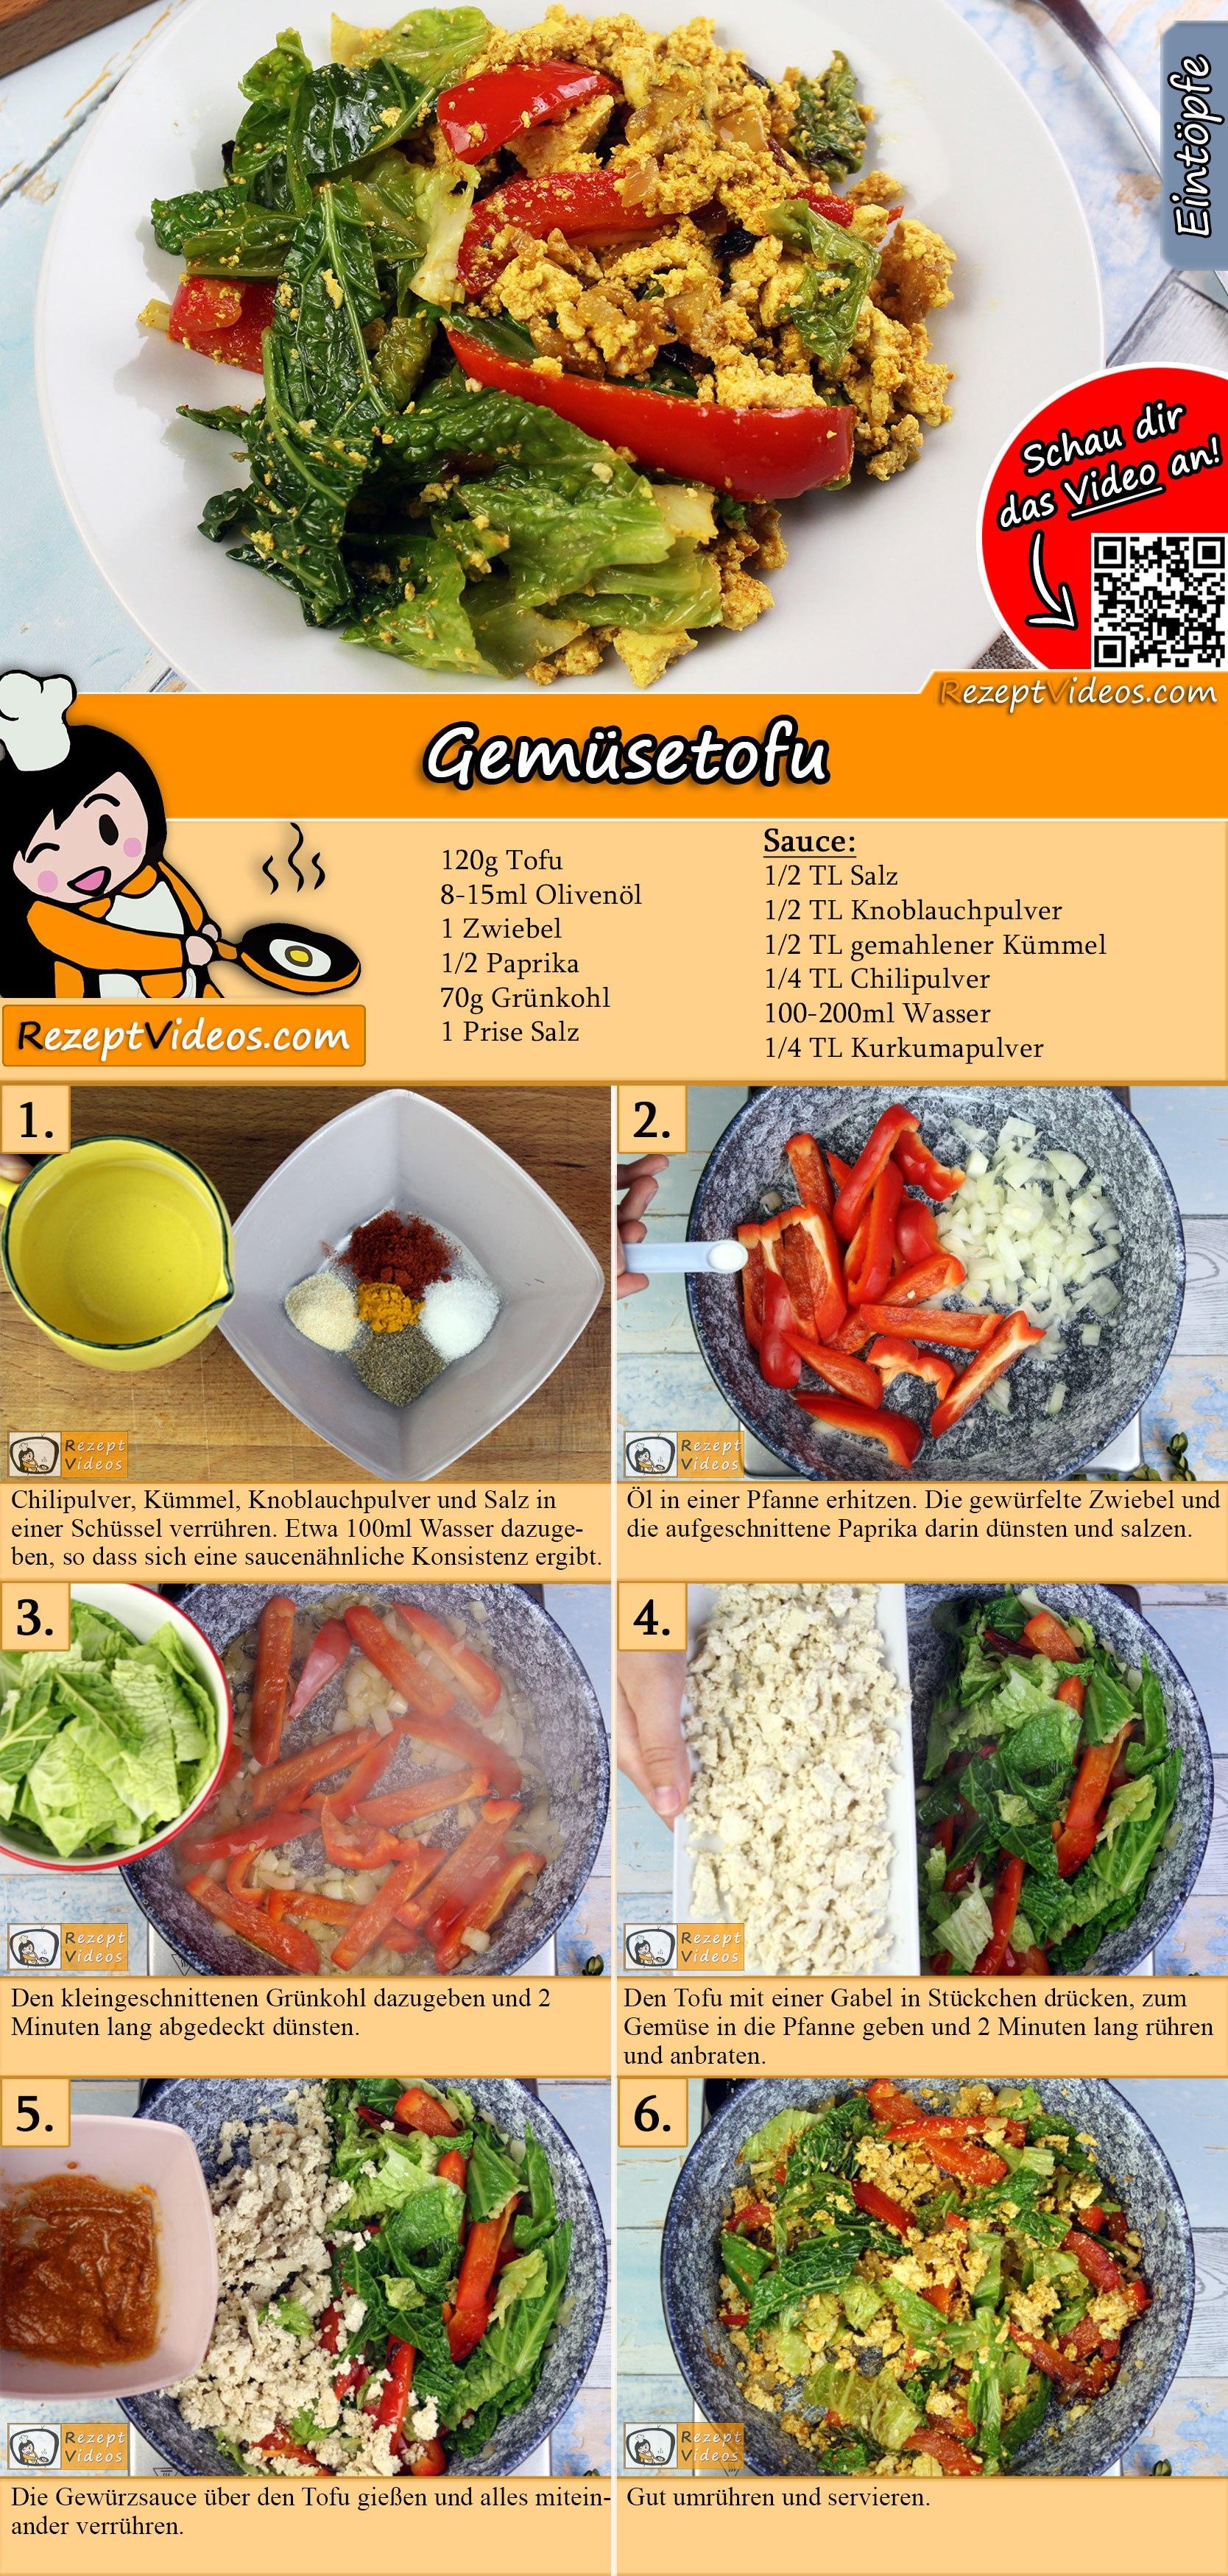 Gemüsetofu Rezept mit Video